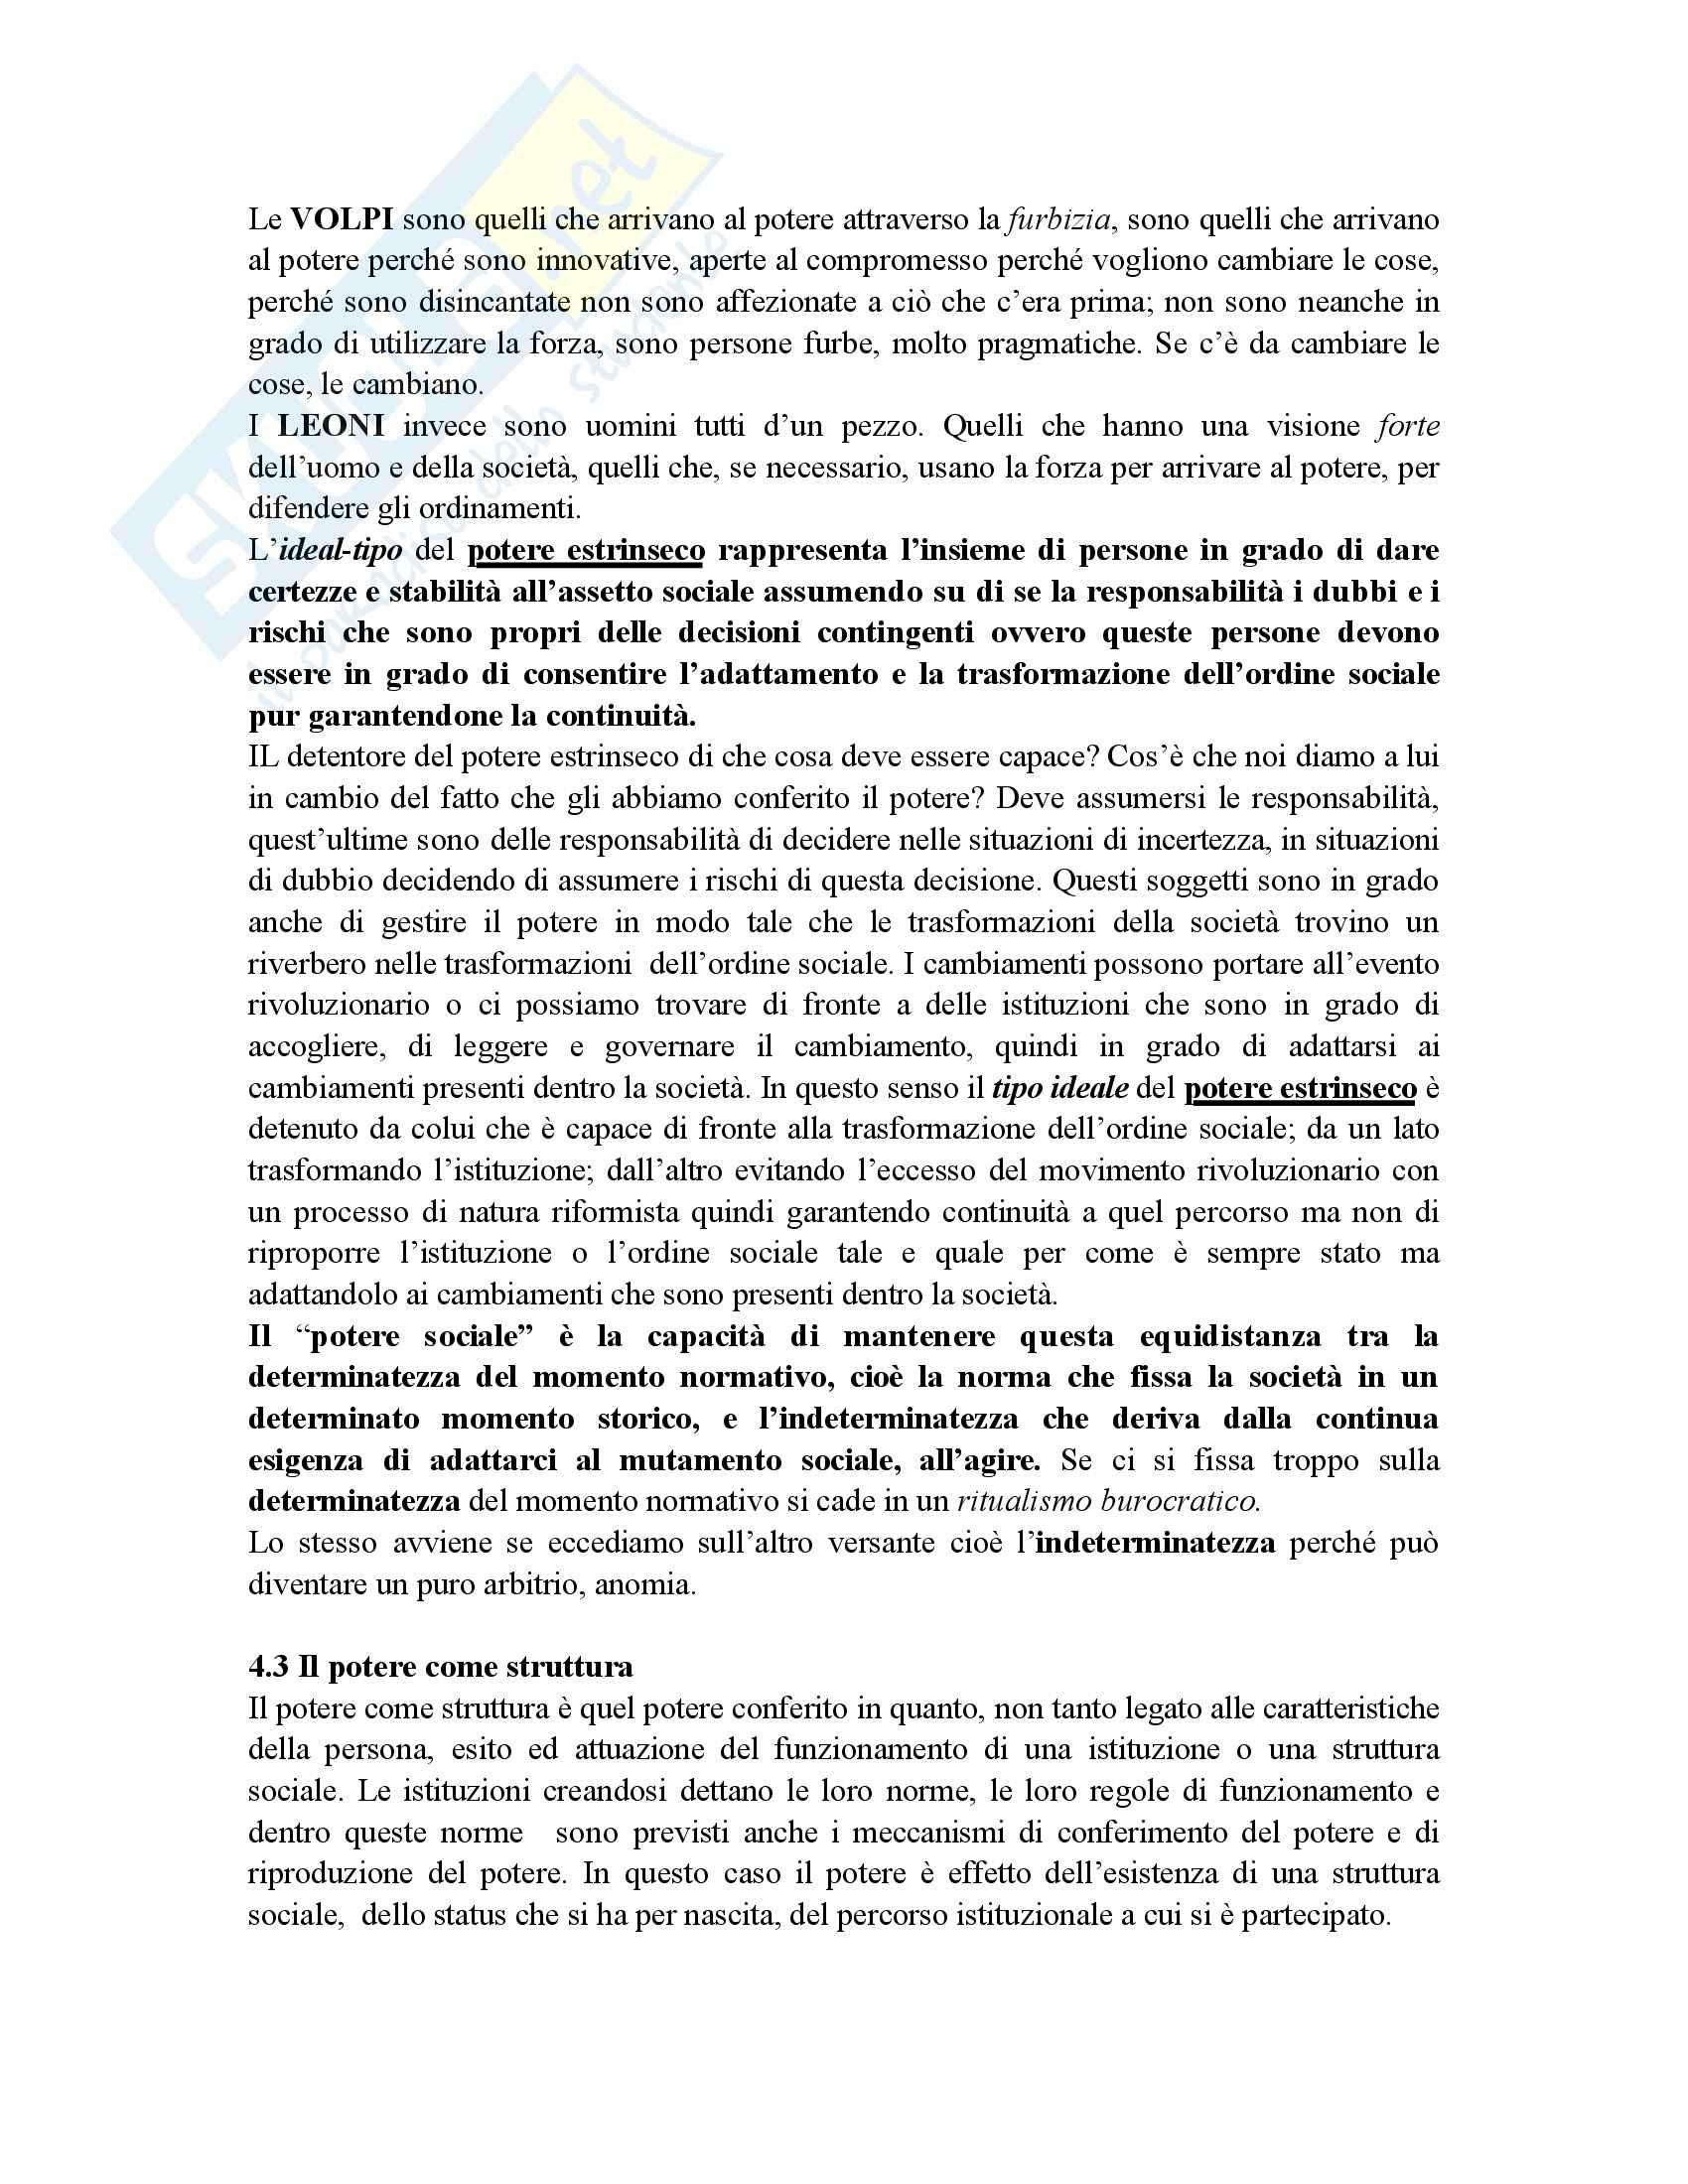 Sociologia politica - nozioni generali - Appunti Pag. 21